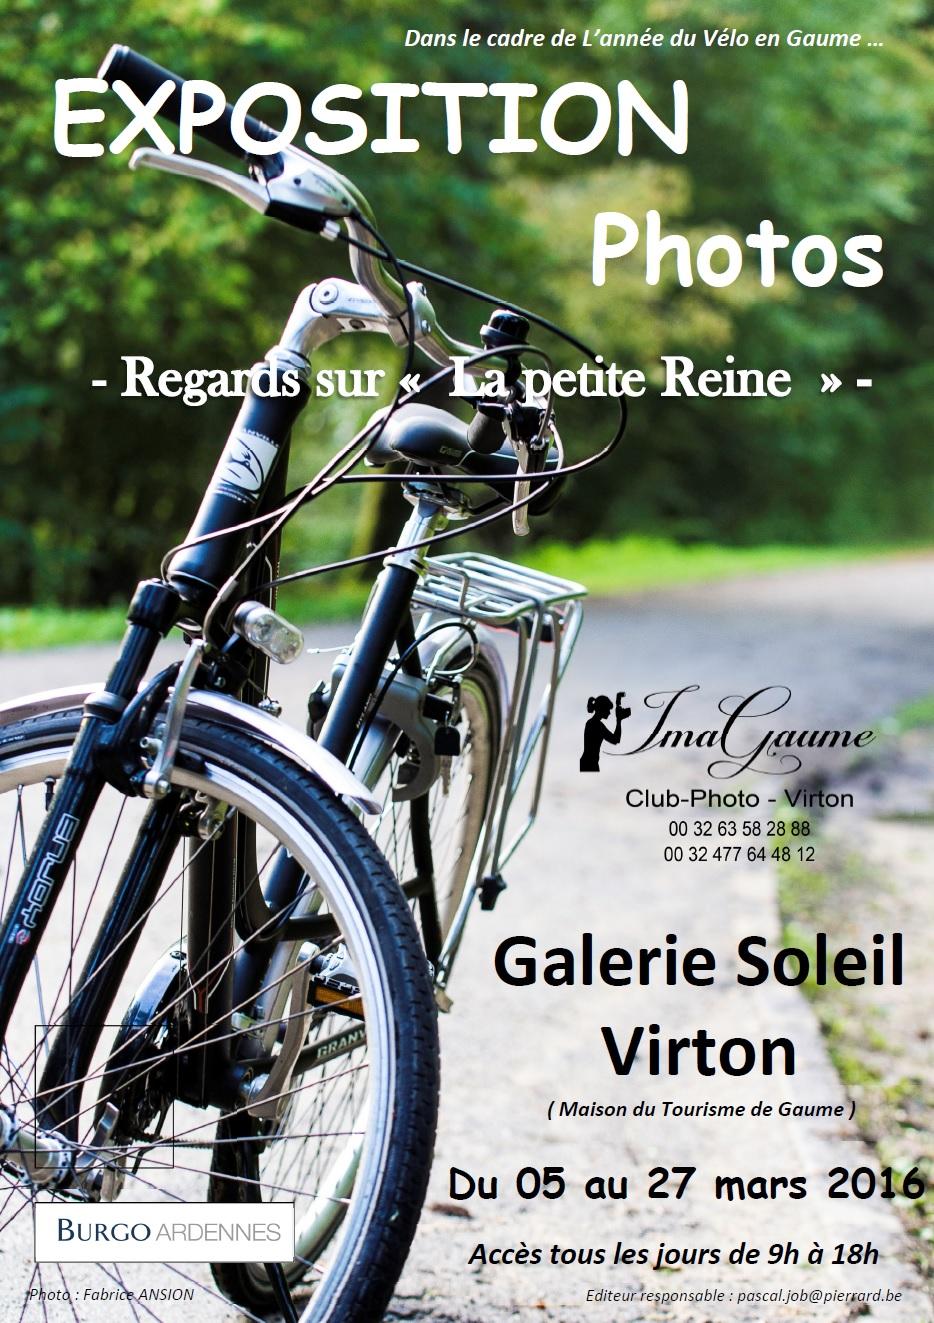 Exposition de photos à Virton